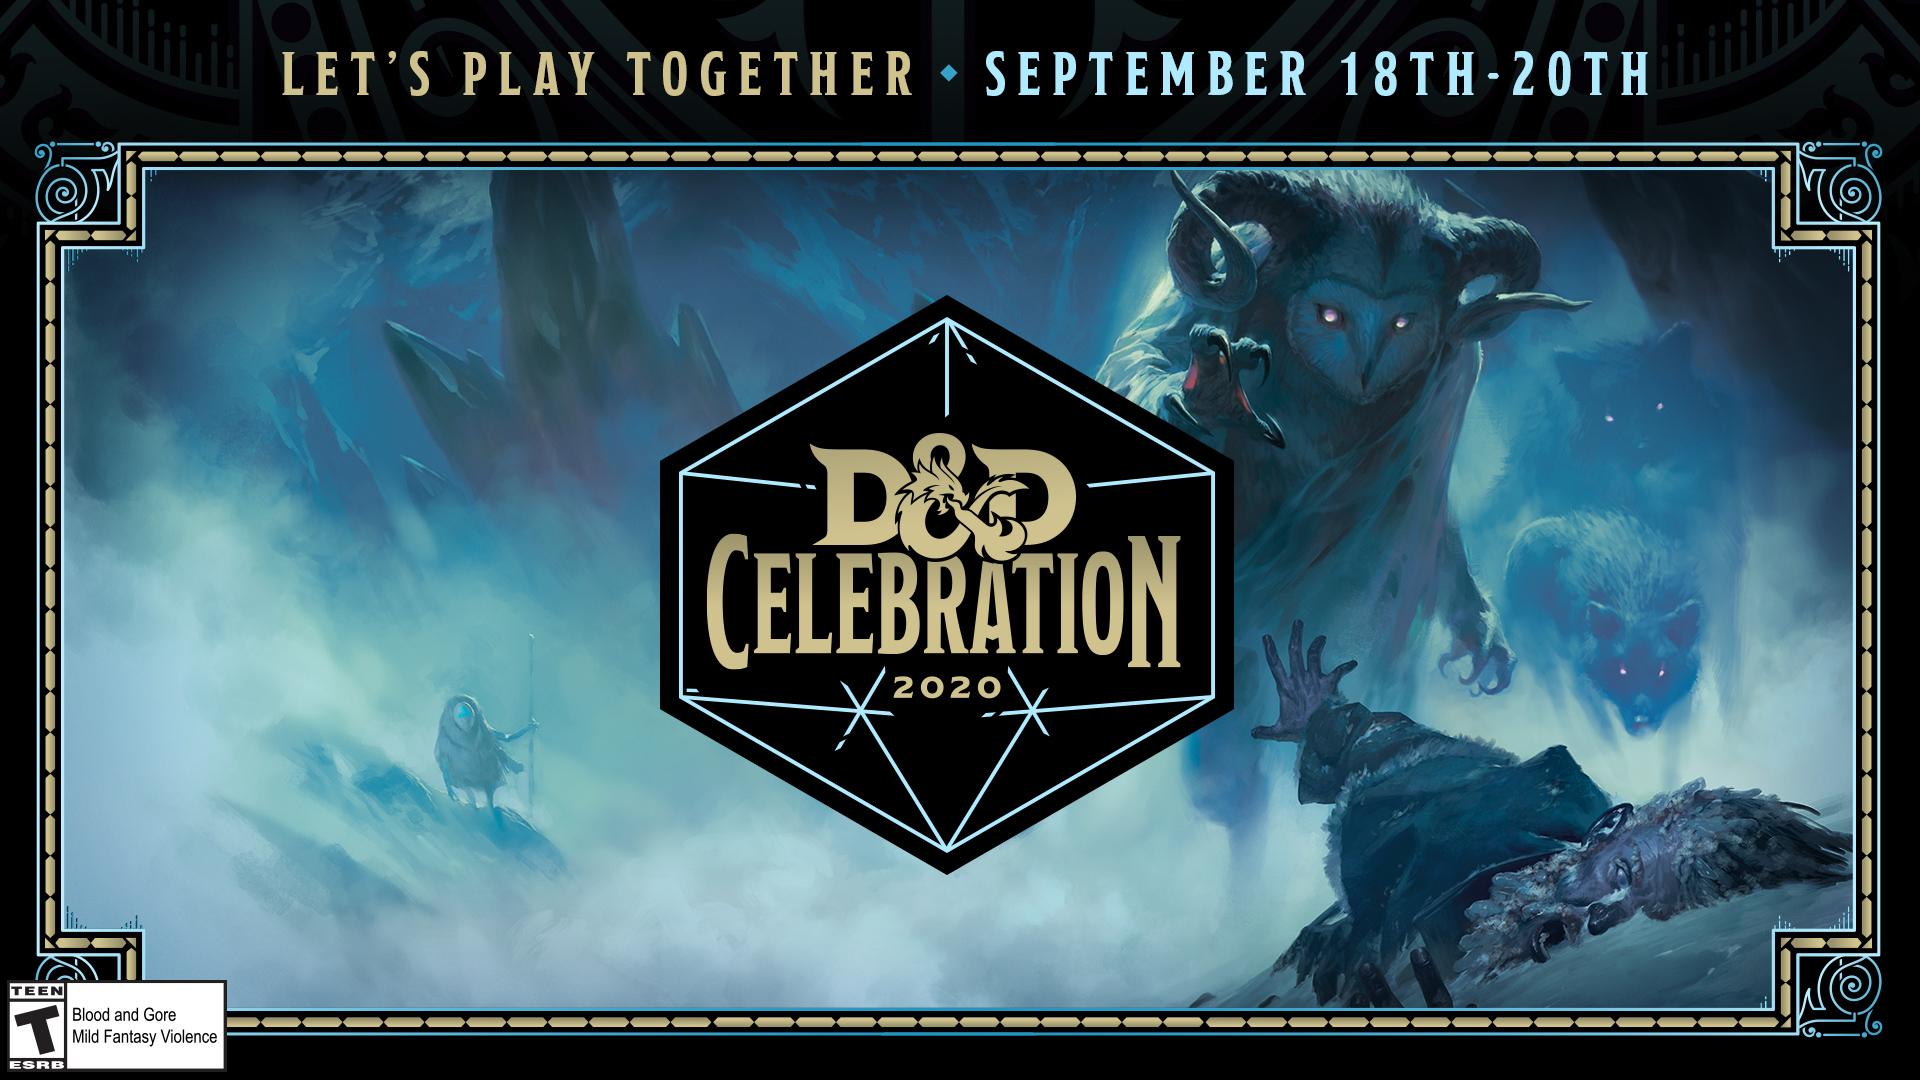 Capacity : D&D Celebration 2020